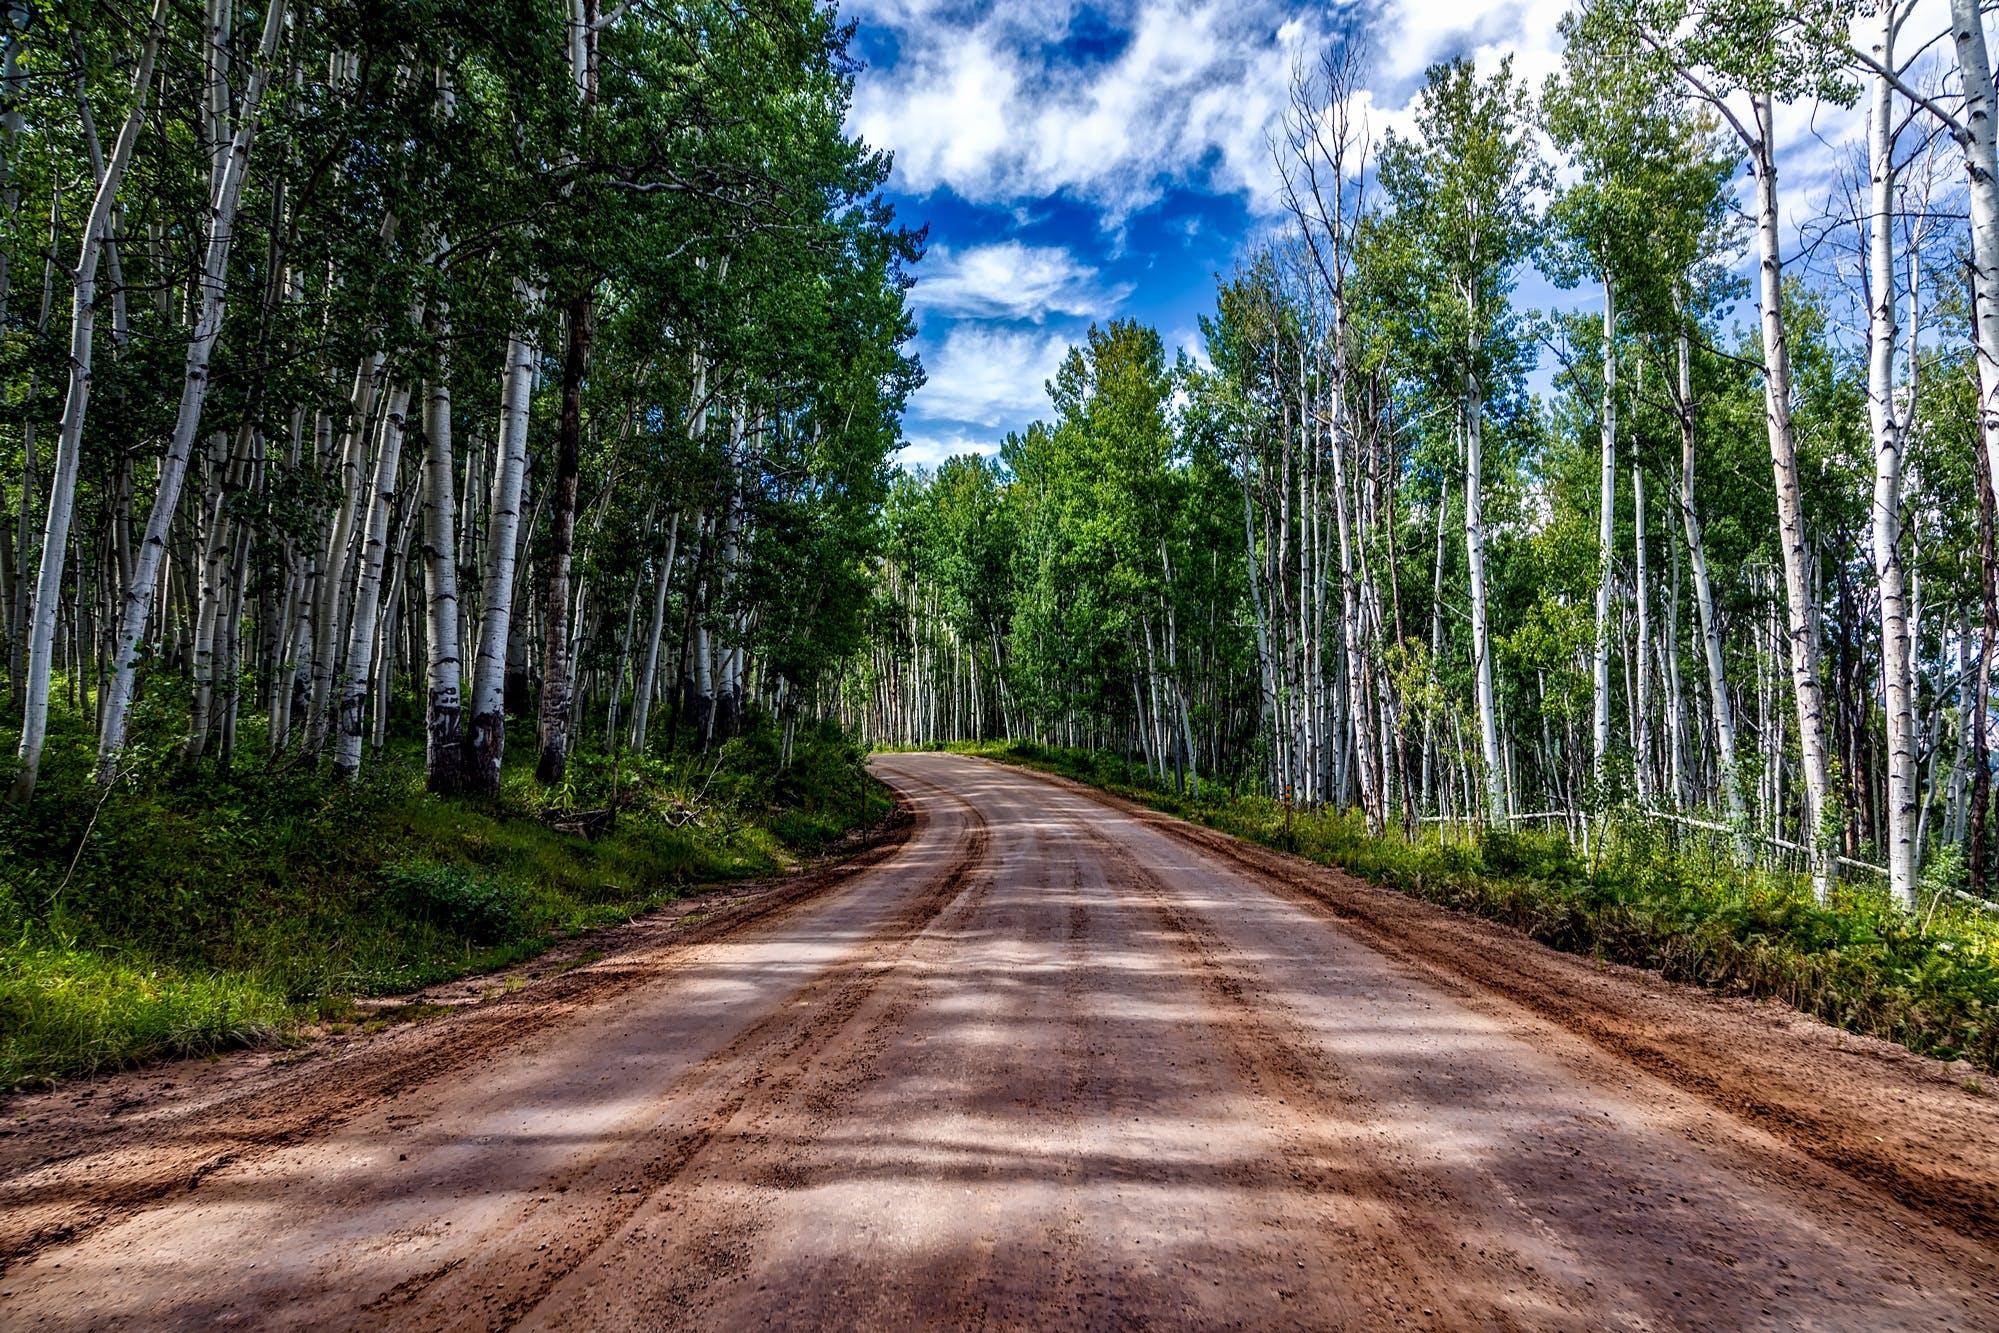 Ảnh lưu trữ miễn phí về cây, con đường, công viên, danh lam thắng cảnh